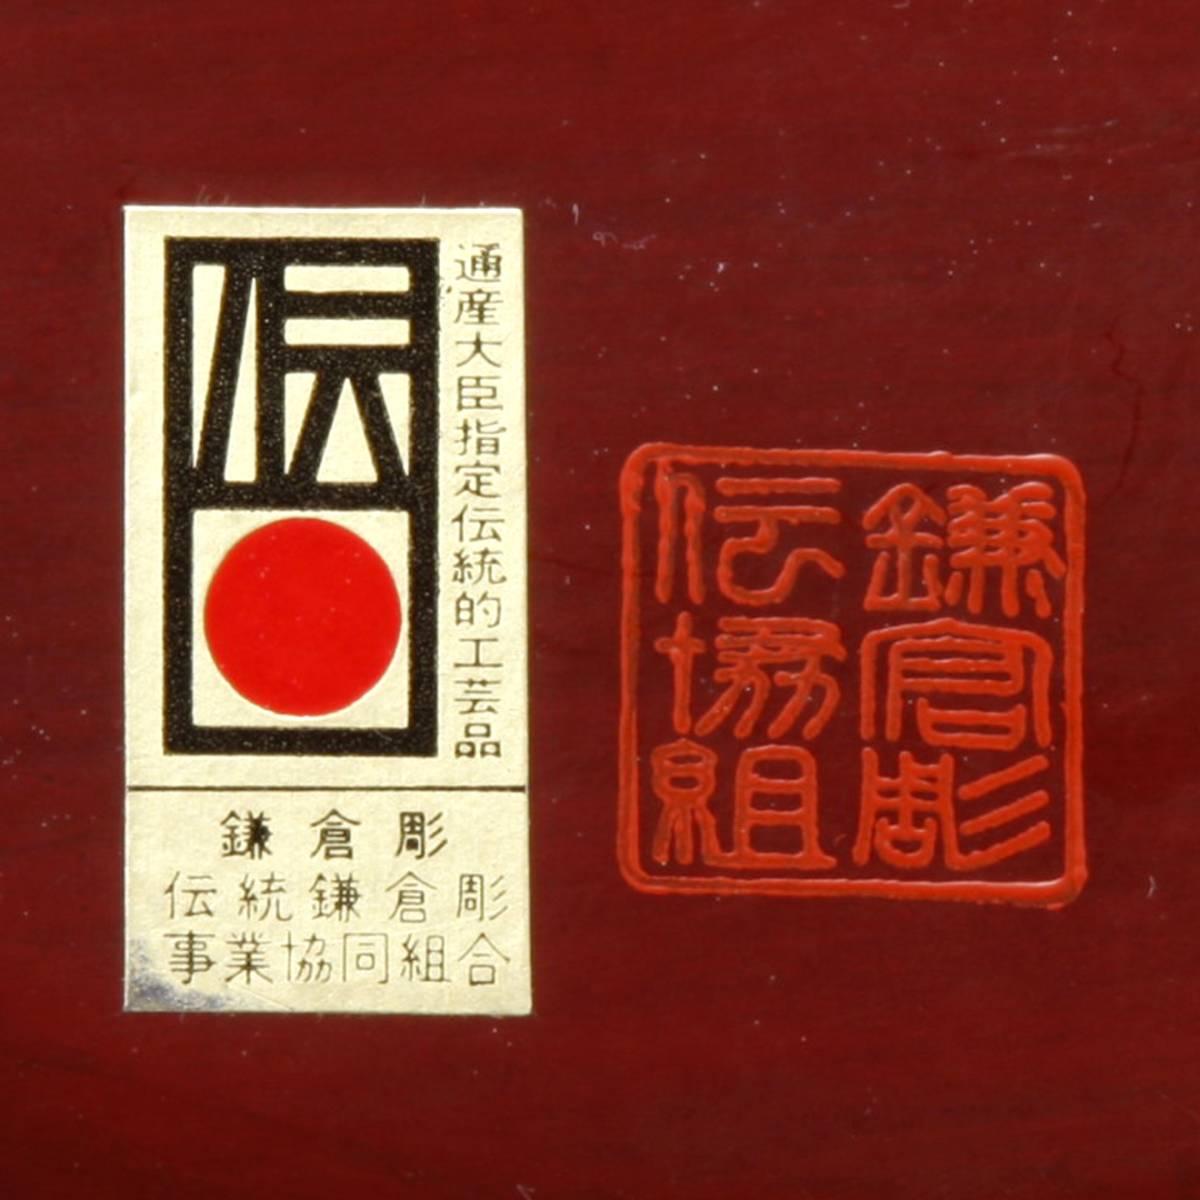 鎌倉彫 7寸盆 伝協組 伝統鎌倉彫事業協同組合 直径21.5cm 高さ2㎝ 140g 中古 KA-6699_画像3